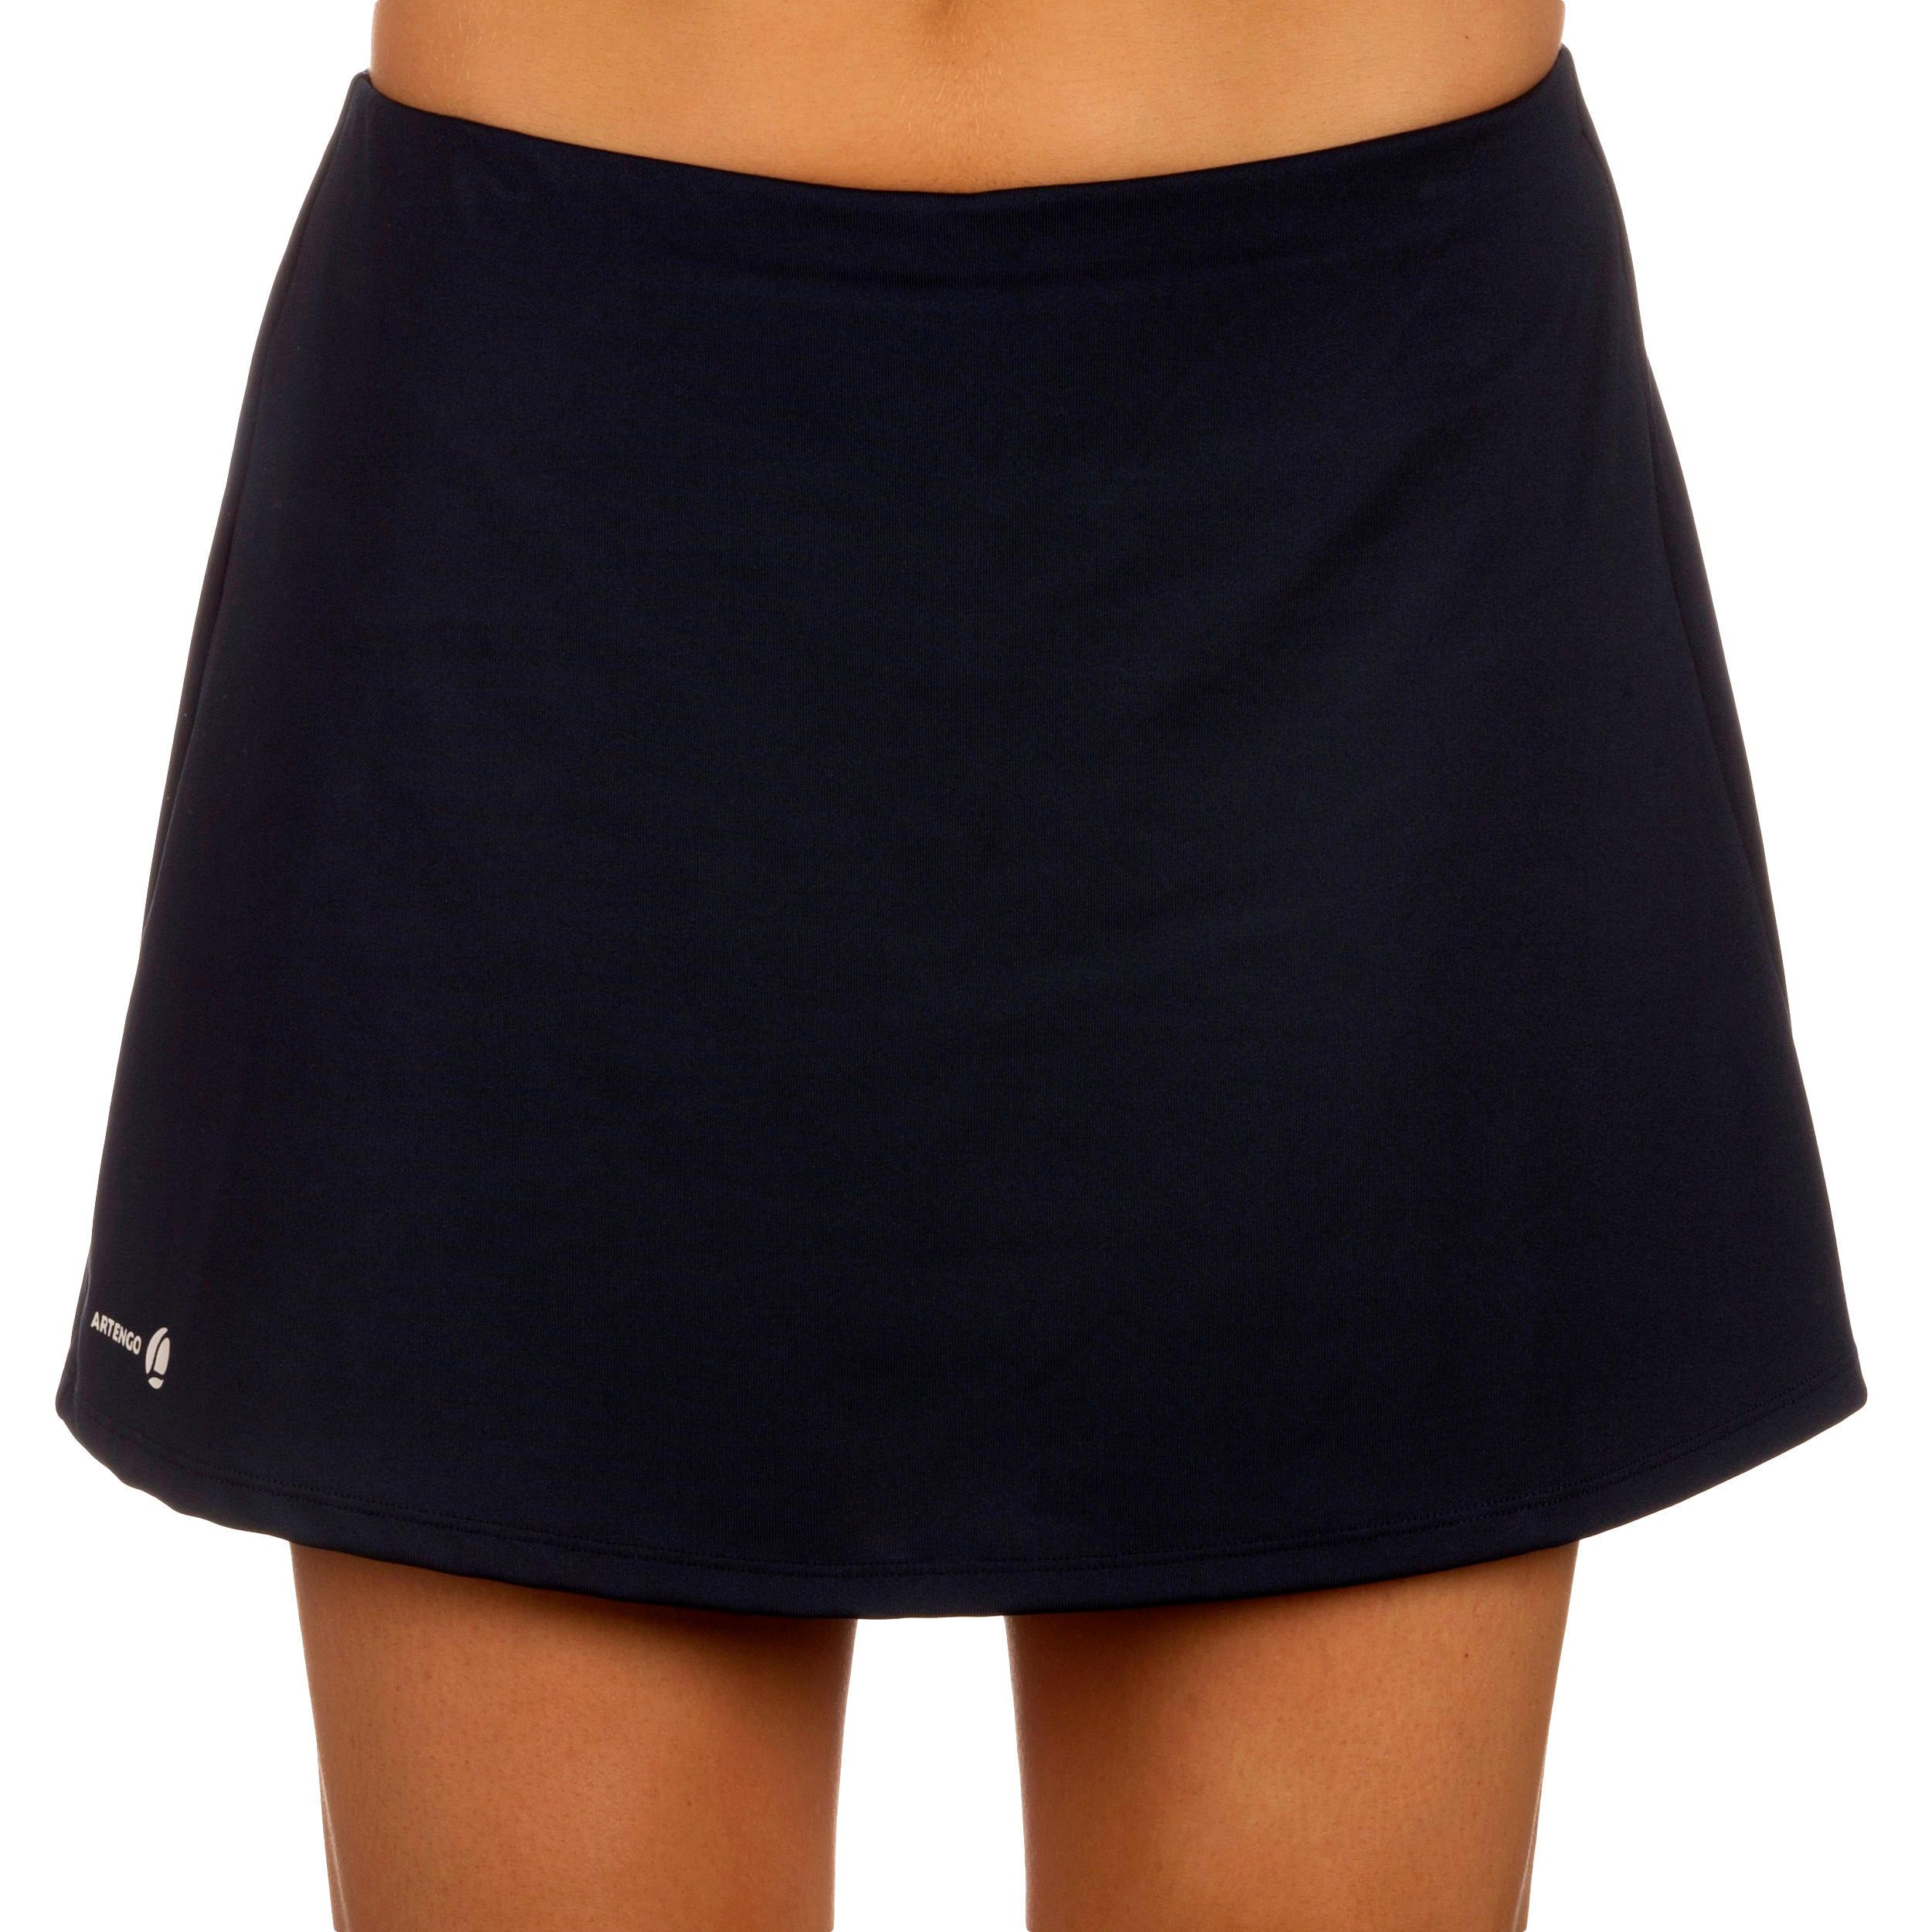 6a71873d8e Comprar Faldas de Mujer Deportivas online